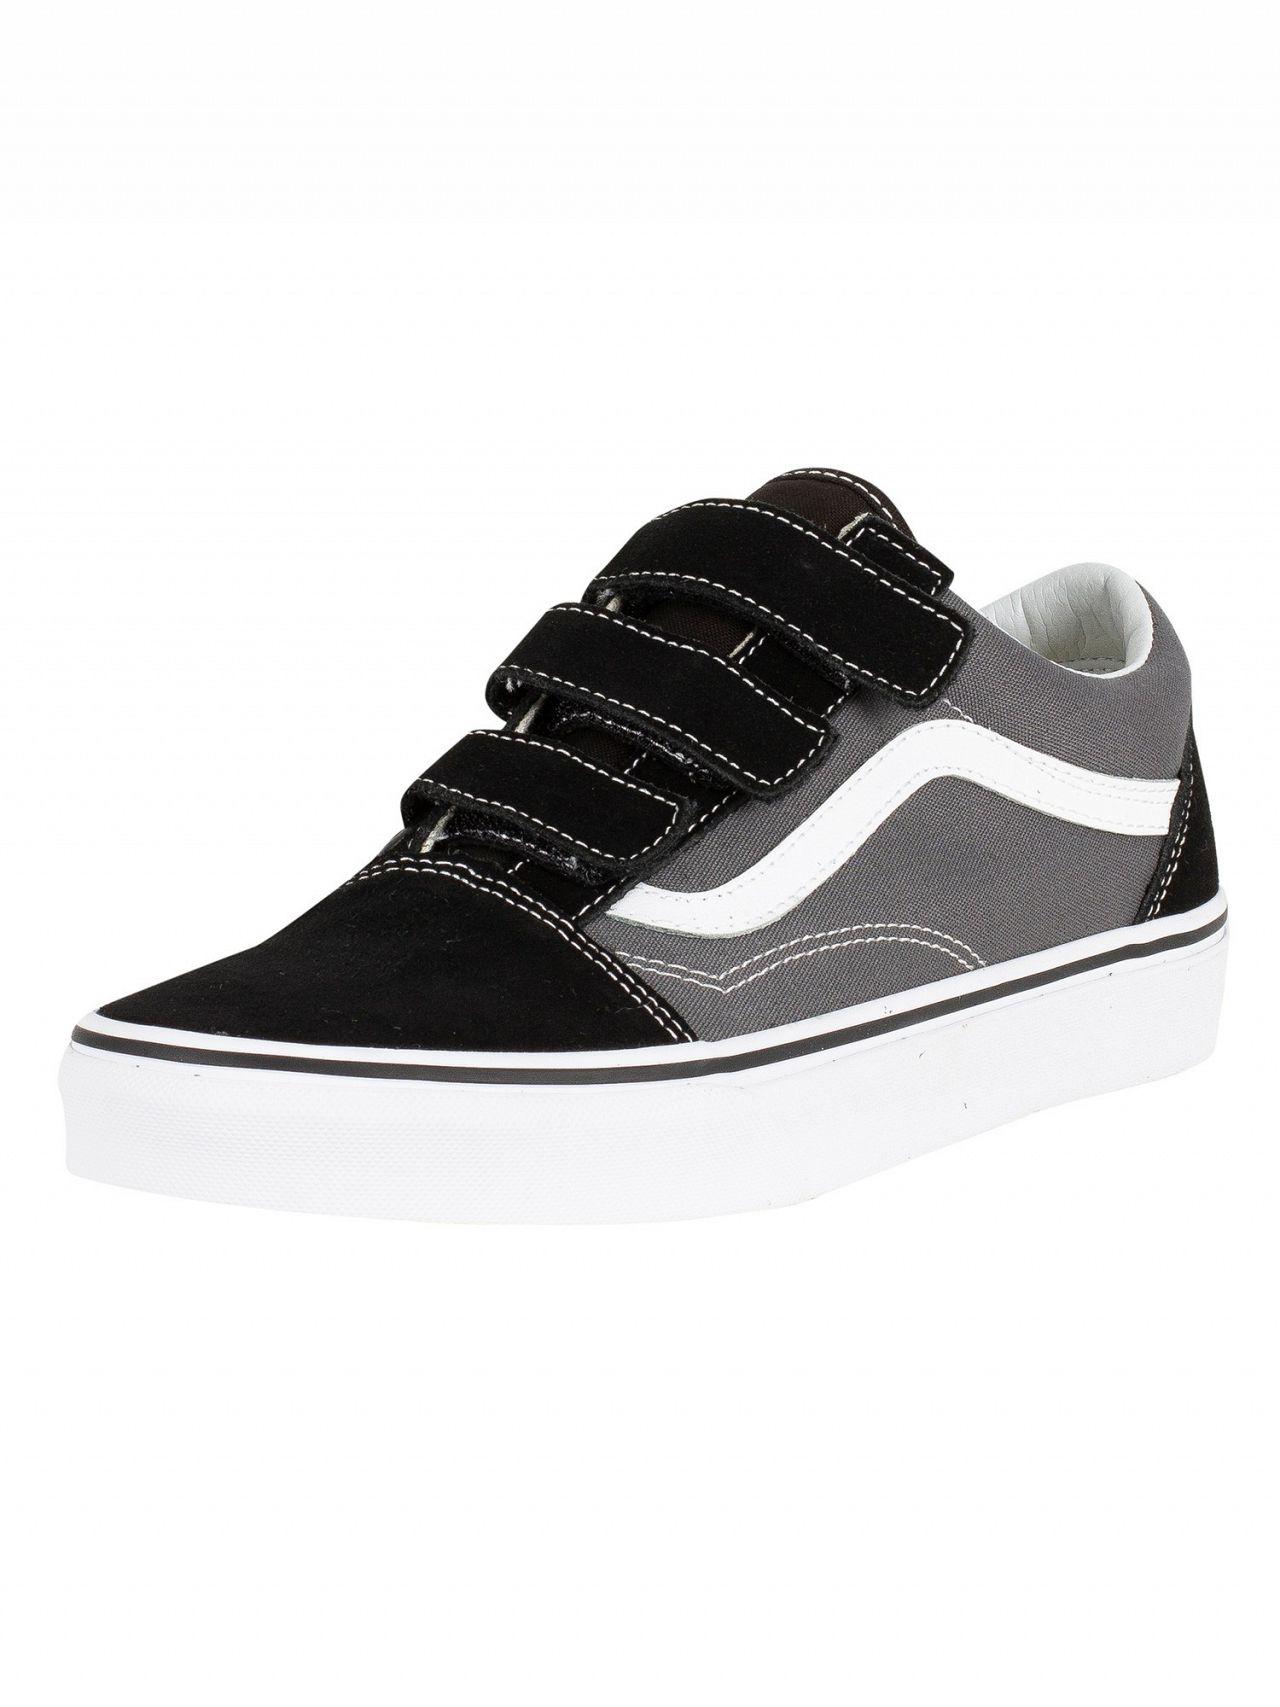 07d721799e673c Vans Pewter Black Old Skool V Trainers